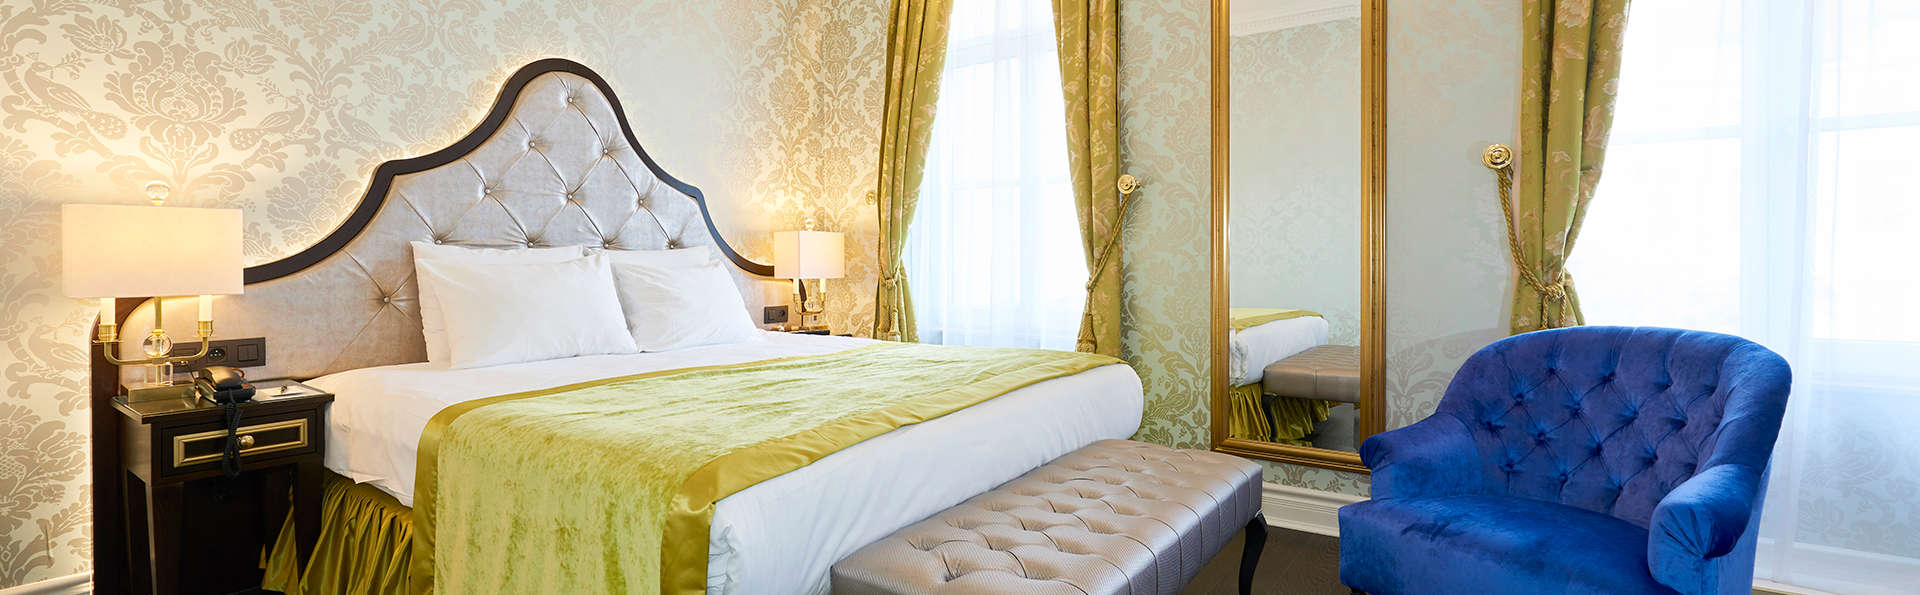 Profitez du luxe d'un 5* dans une suite junior au cœur de Bruxelles